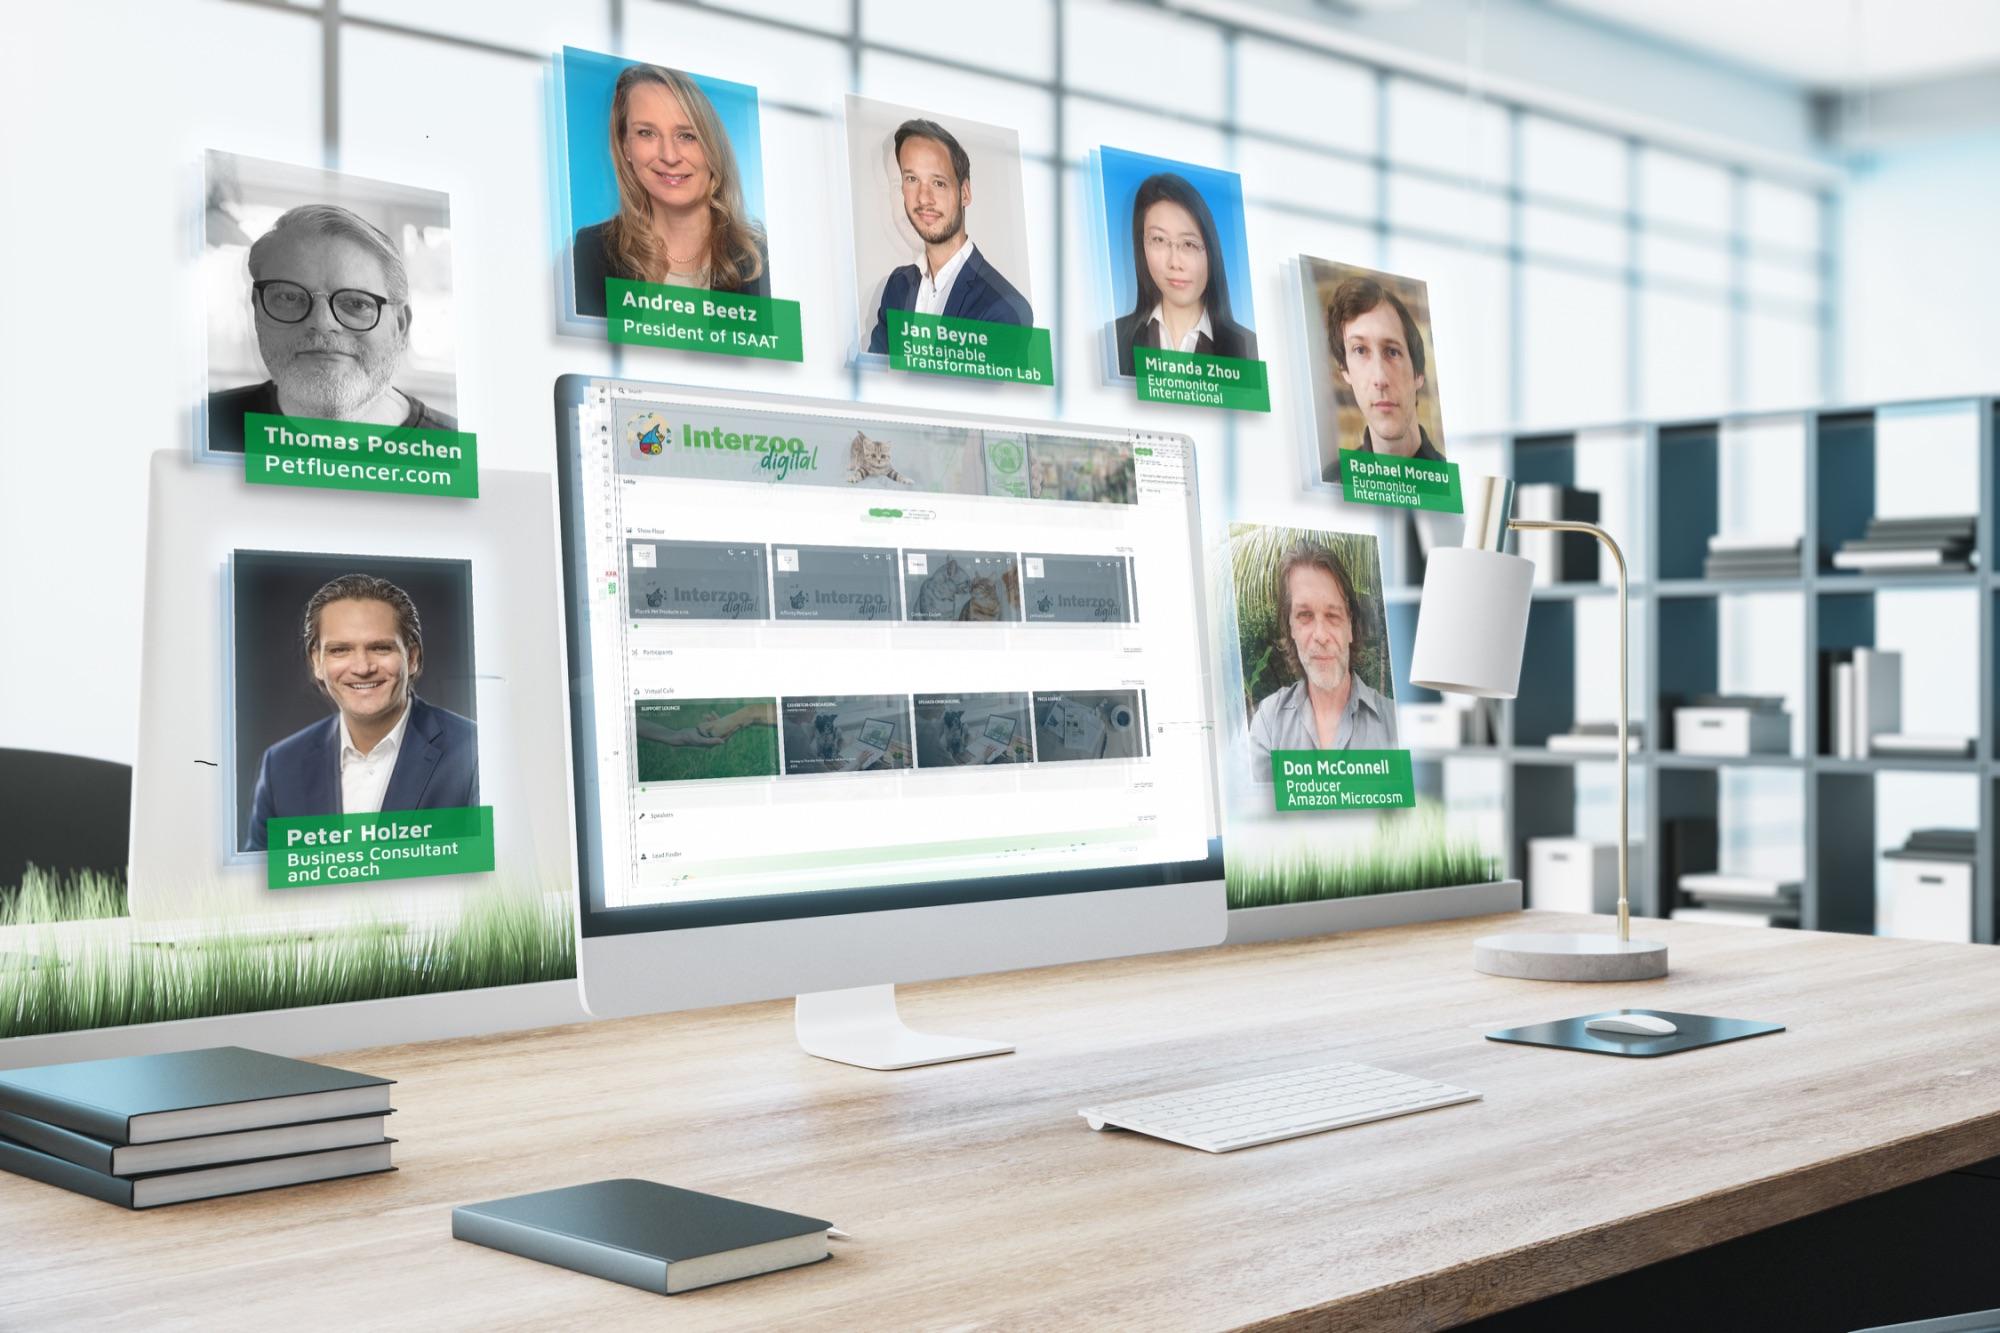 Interzoo.digital mit 5 virtuellen Bühnen